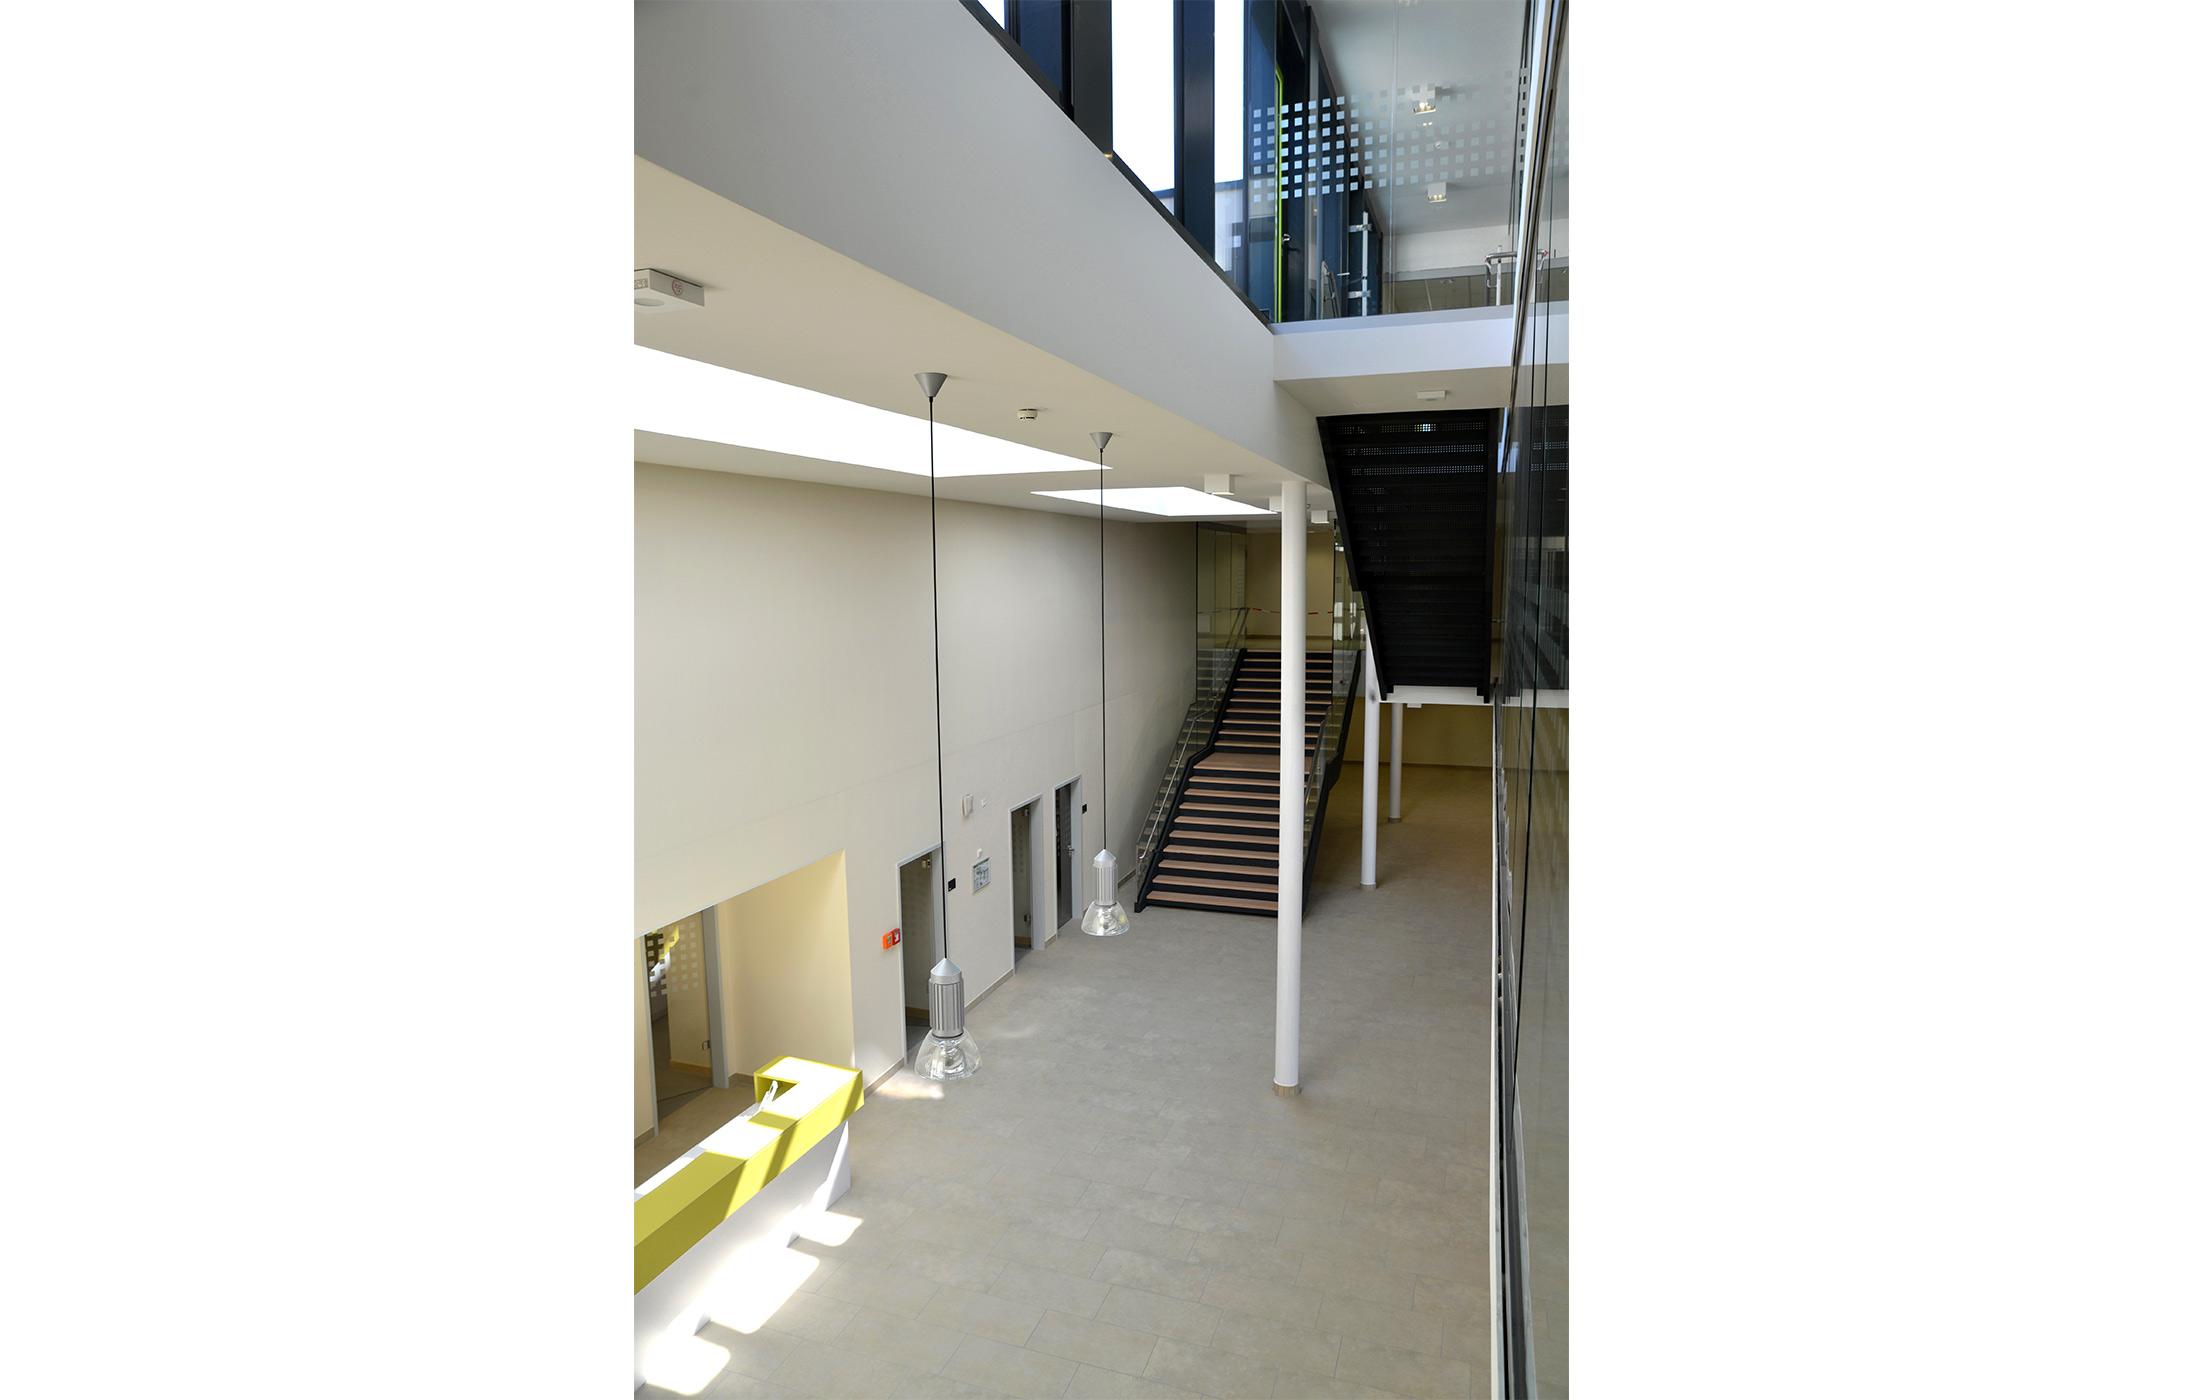 2016, Neubau Diakonie Klinikum, Mosbach